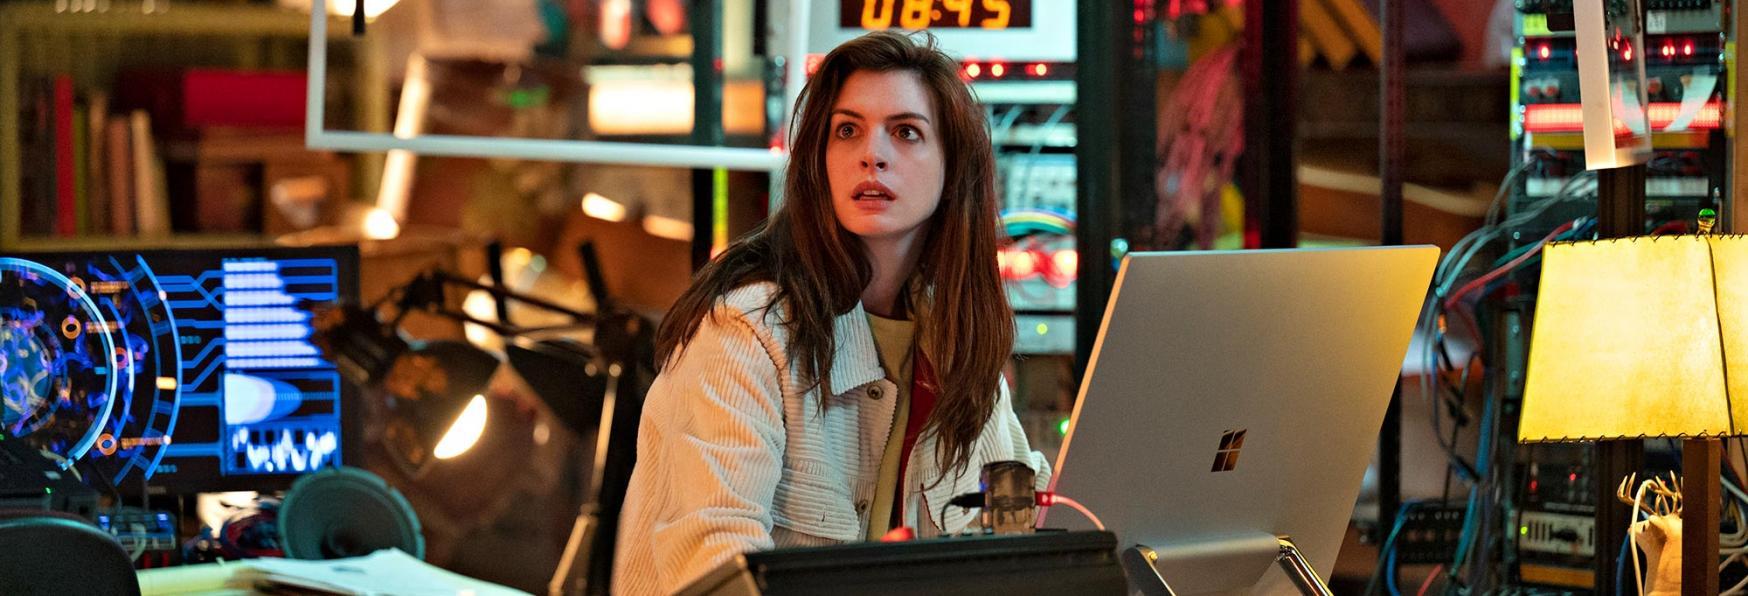 Solos: il Trailer della nuova Serie TV Amazon con Anthony Mackie e Anne Hathaway